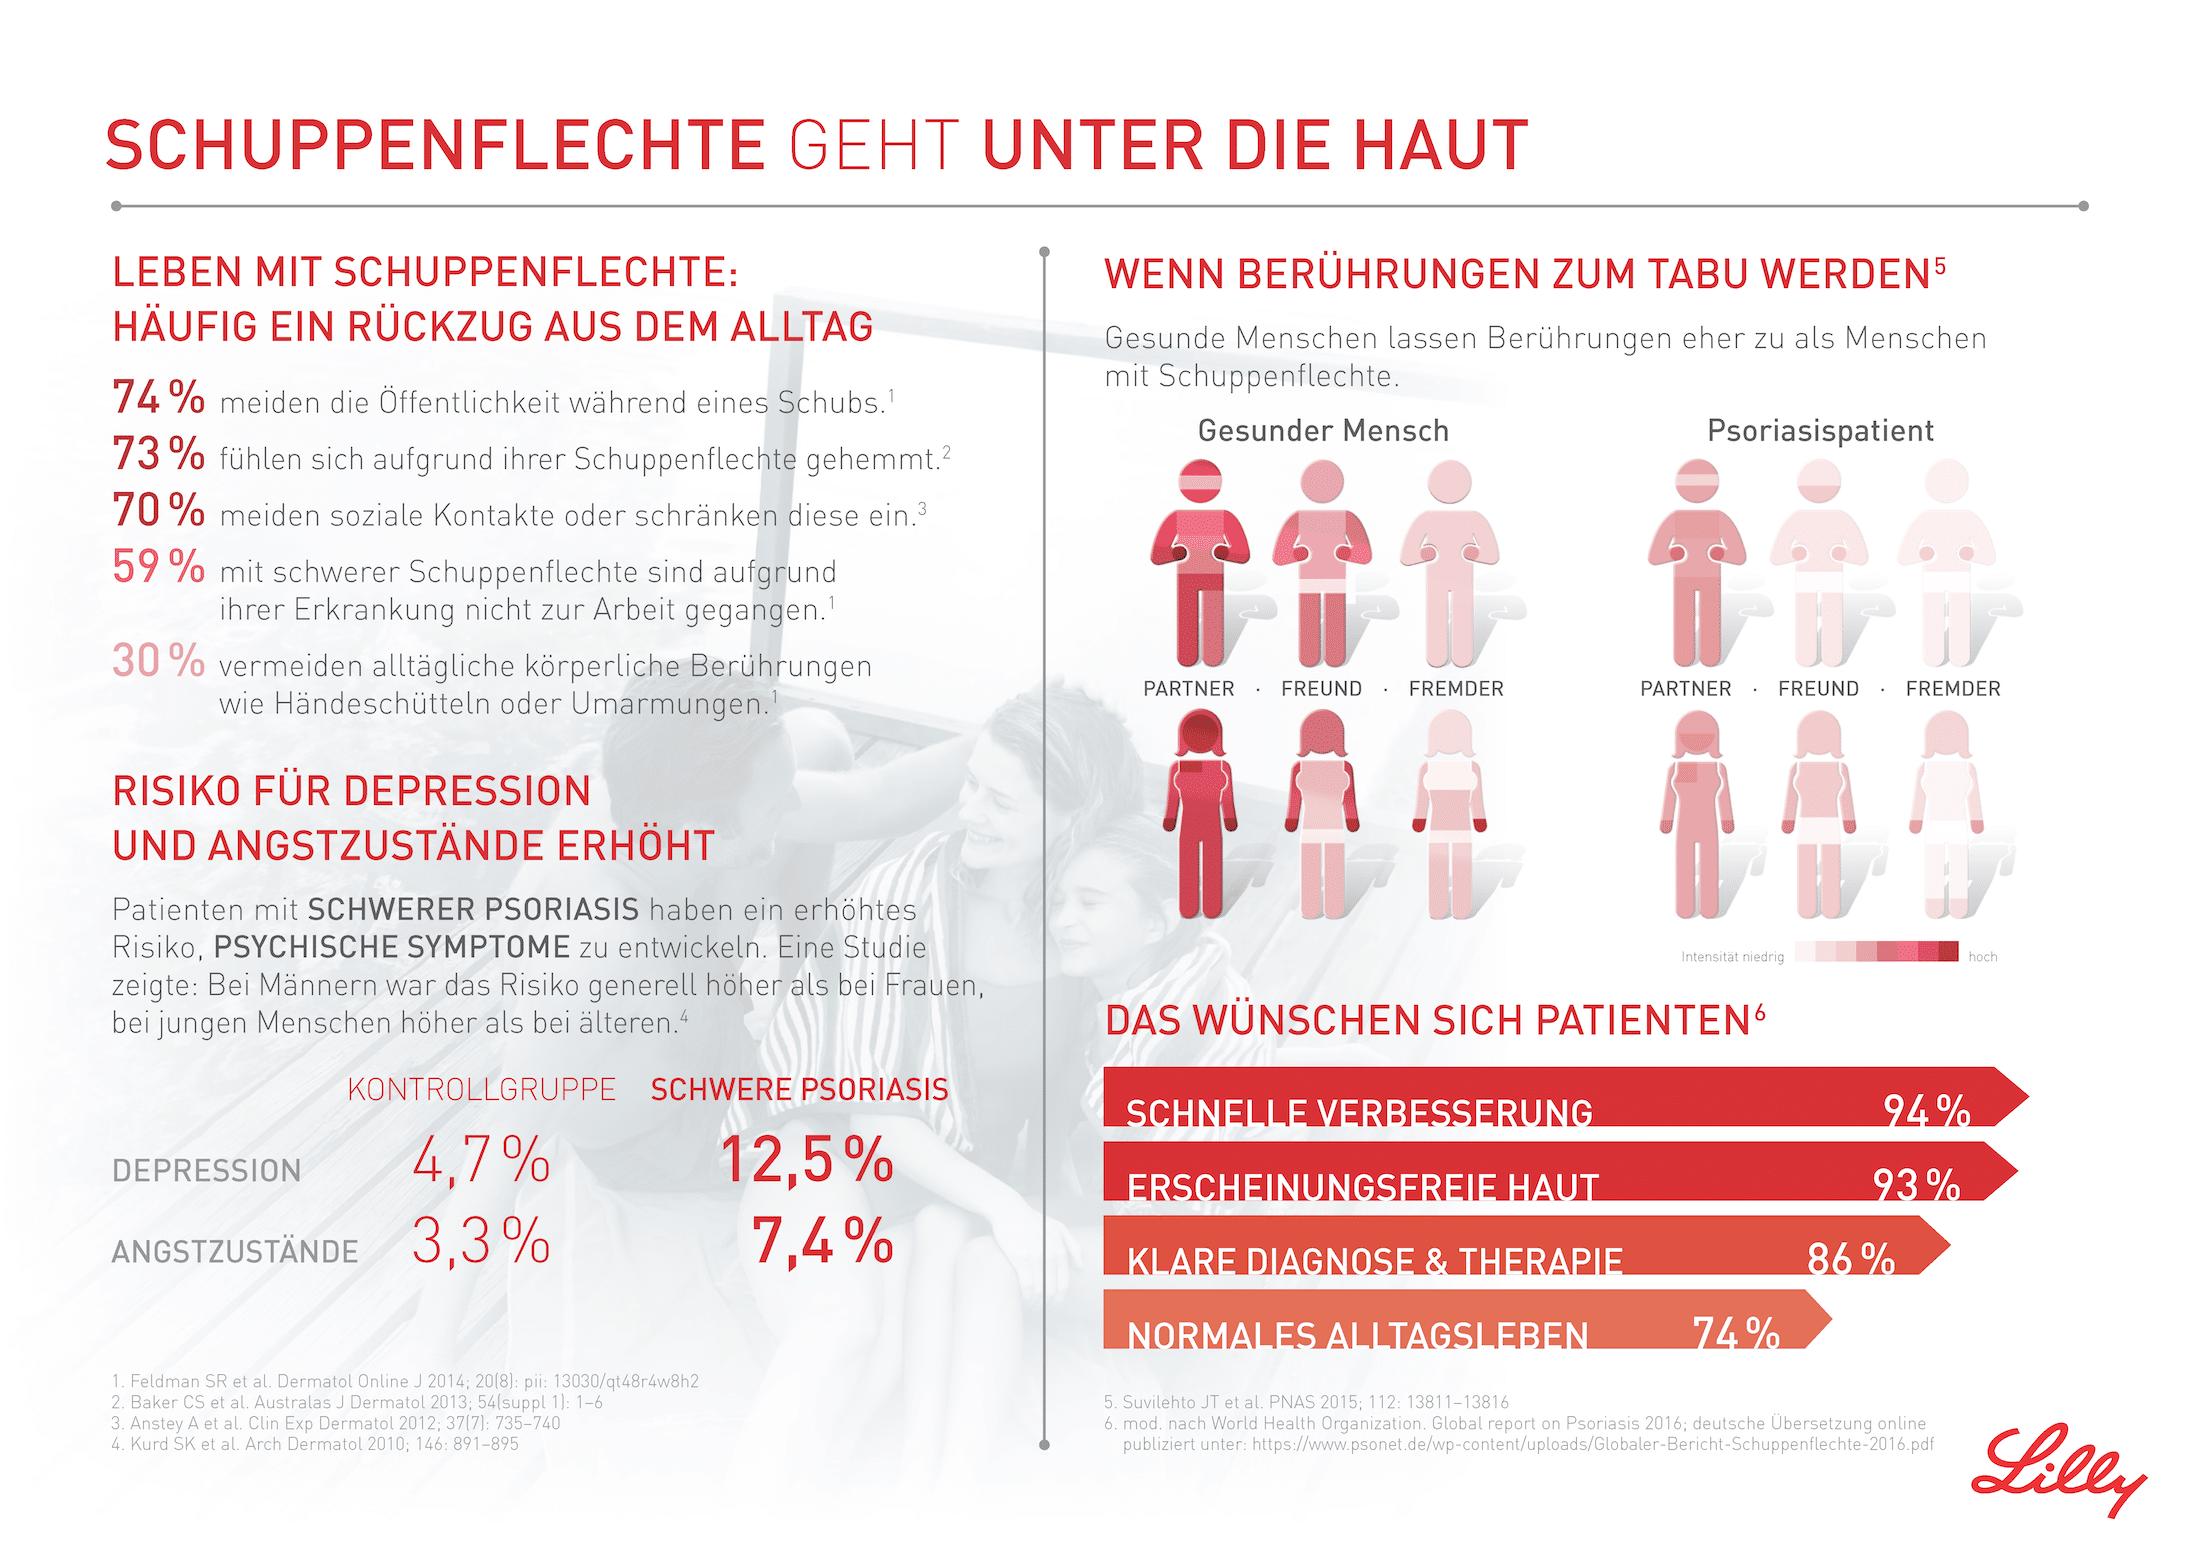 Psoriasis Infografik 1 - Copyright Lilly Deutschland GmbH